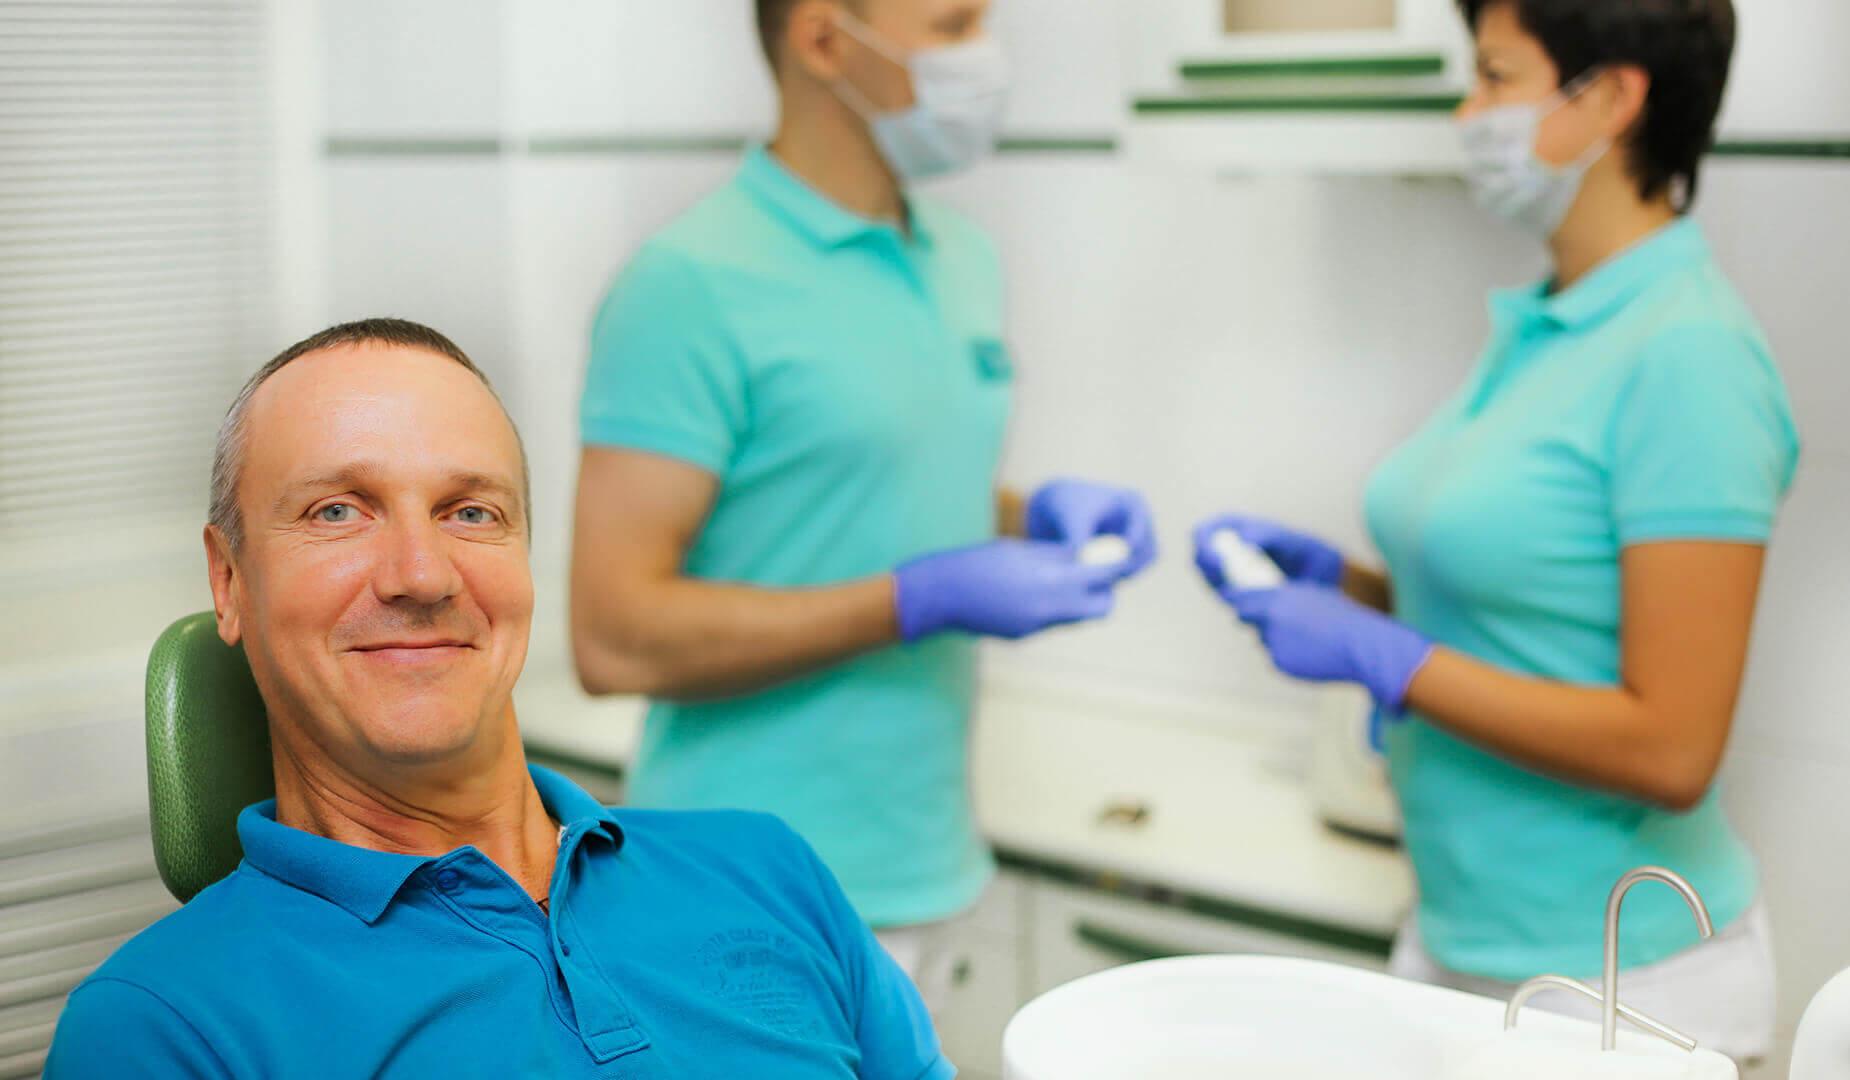 Наш пациент доволен и улыбается